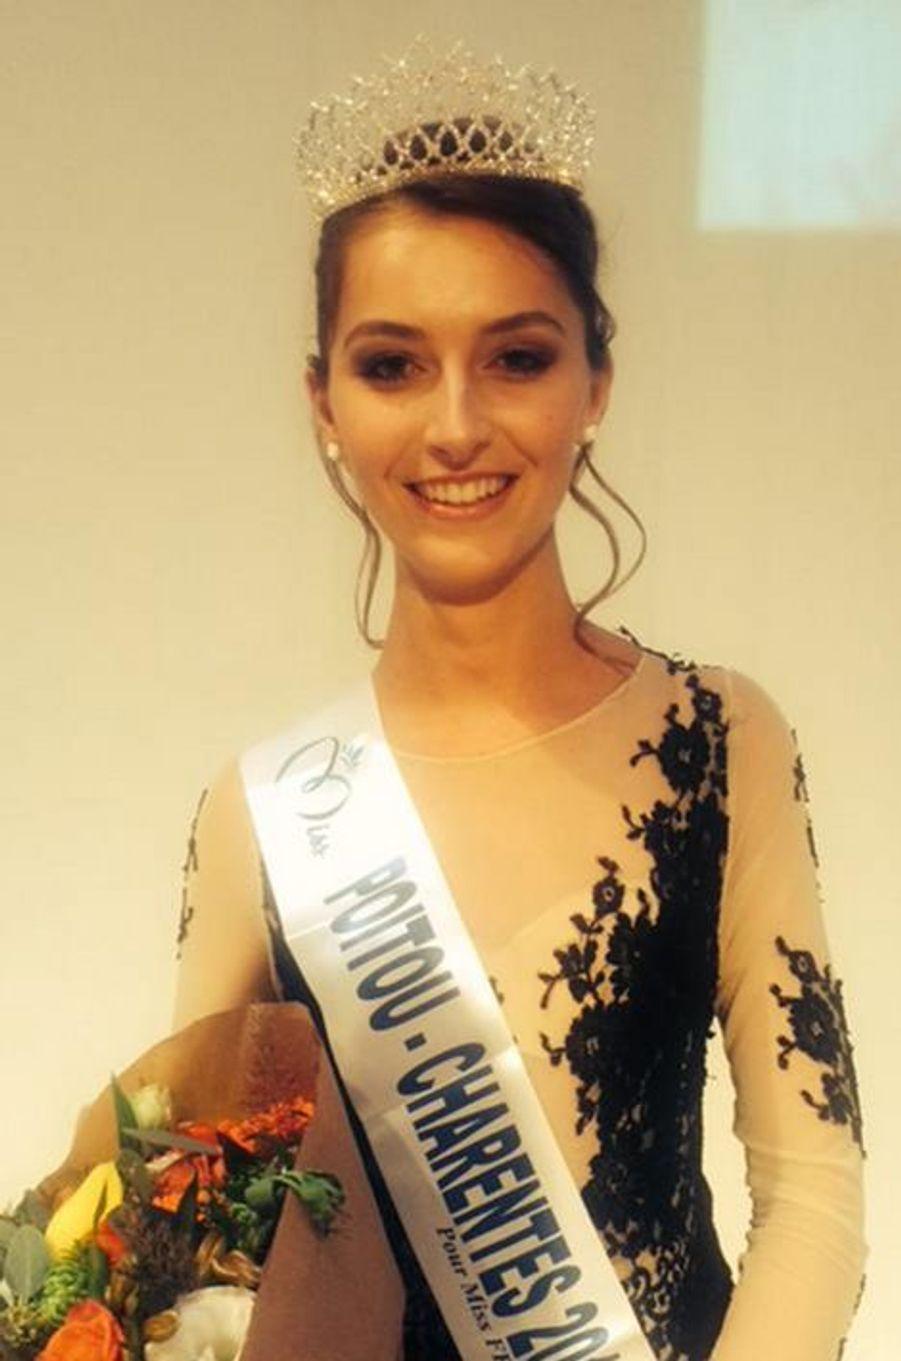 Miss Poitou-Charentes - Manon Rougier (19 ans - 1,78 m) - Étudiante en BTS économie sociale et familiale